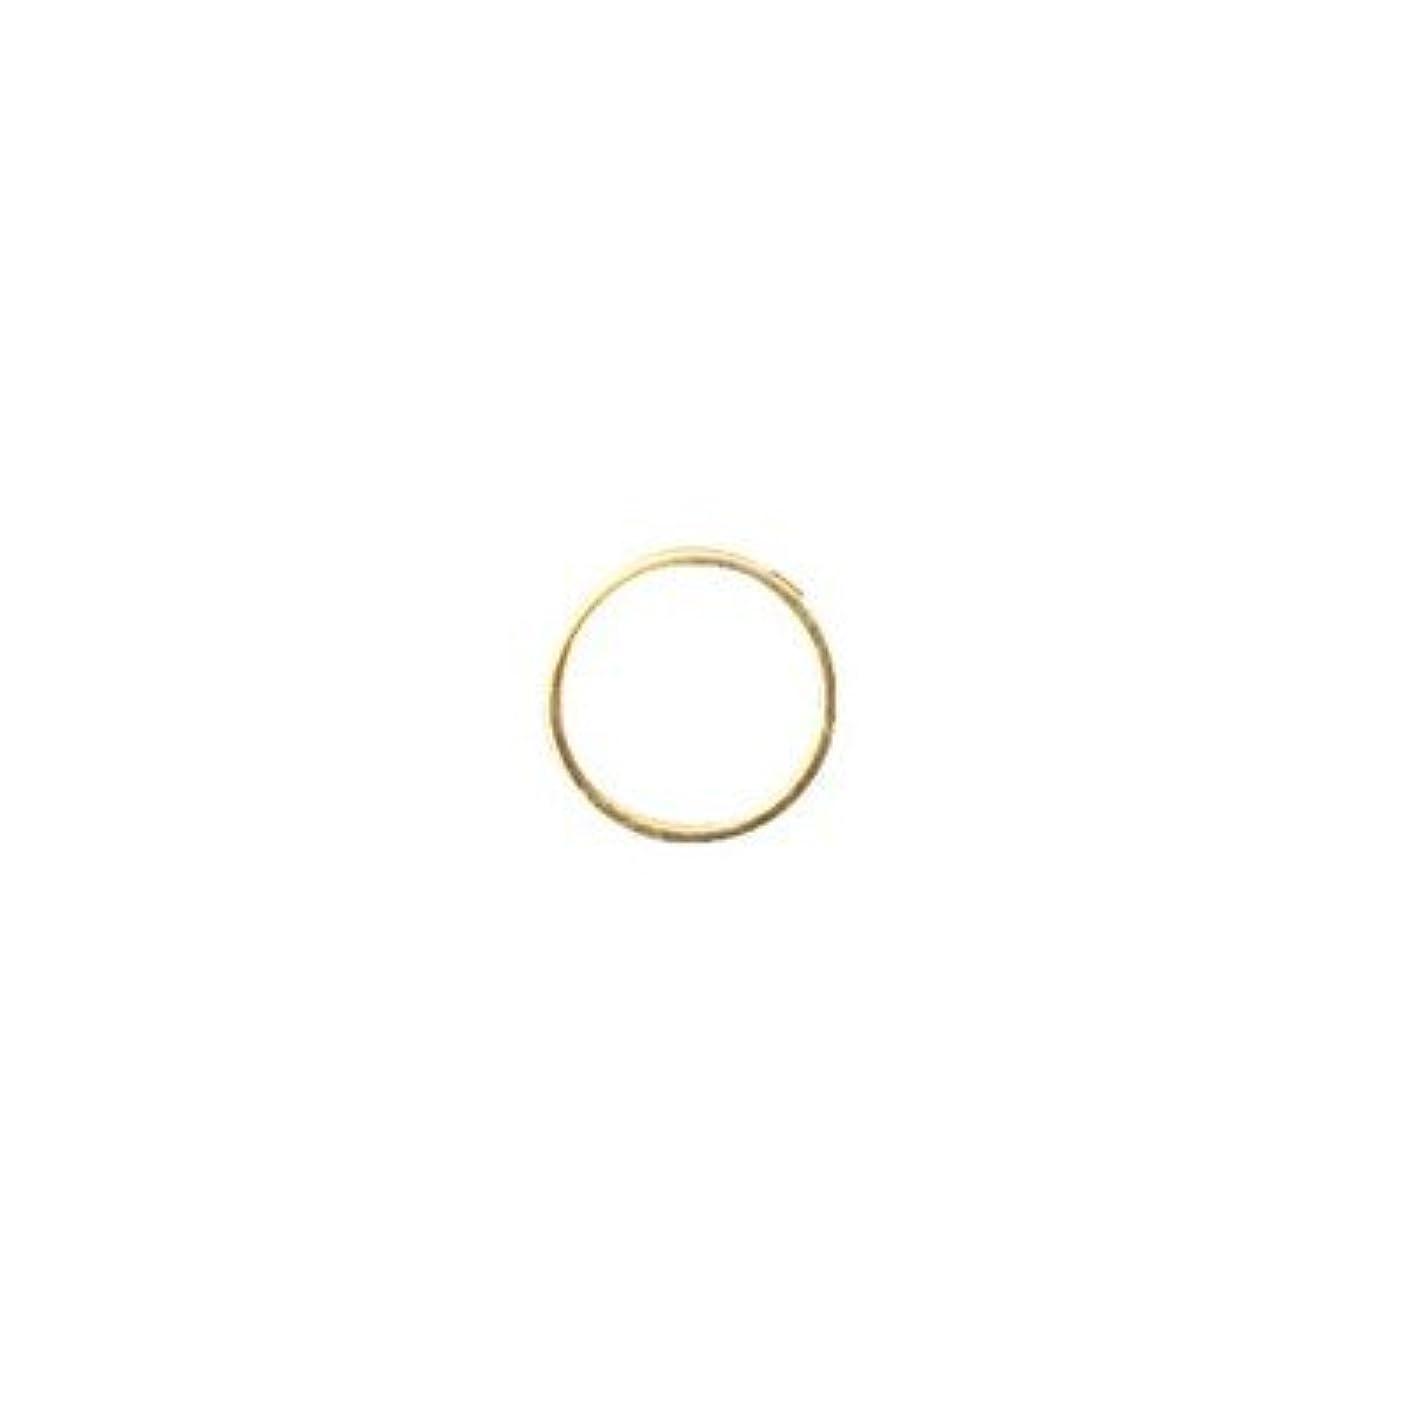 ガイドラインビーム前文シャレドワミュゼ BLC ブローチ ラウンド 7×7mm ゴールド 6P